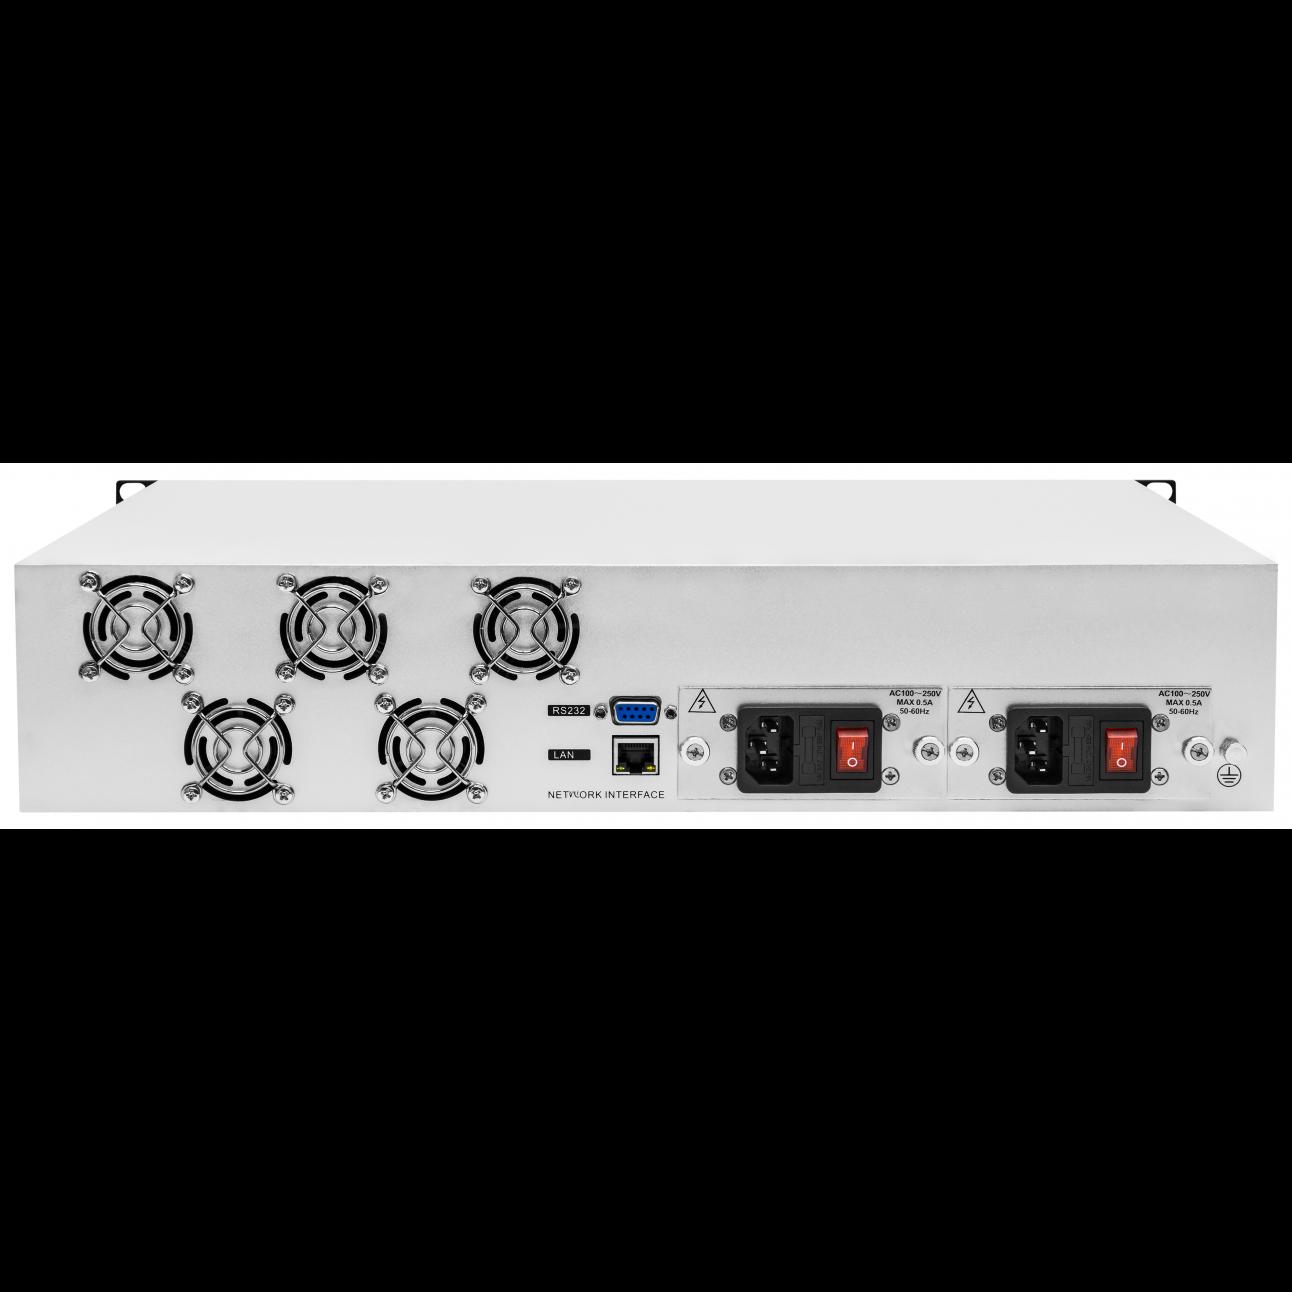 Оптический усилитель VERMAX для сетей КТВ, 2 входа, 16*23dBm выхода